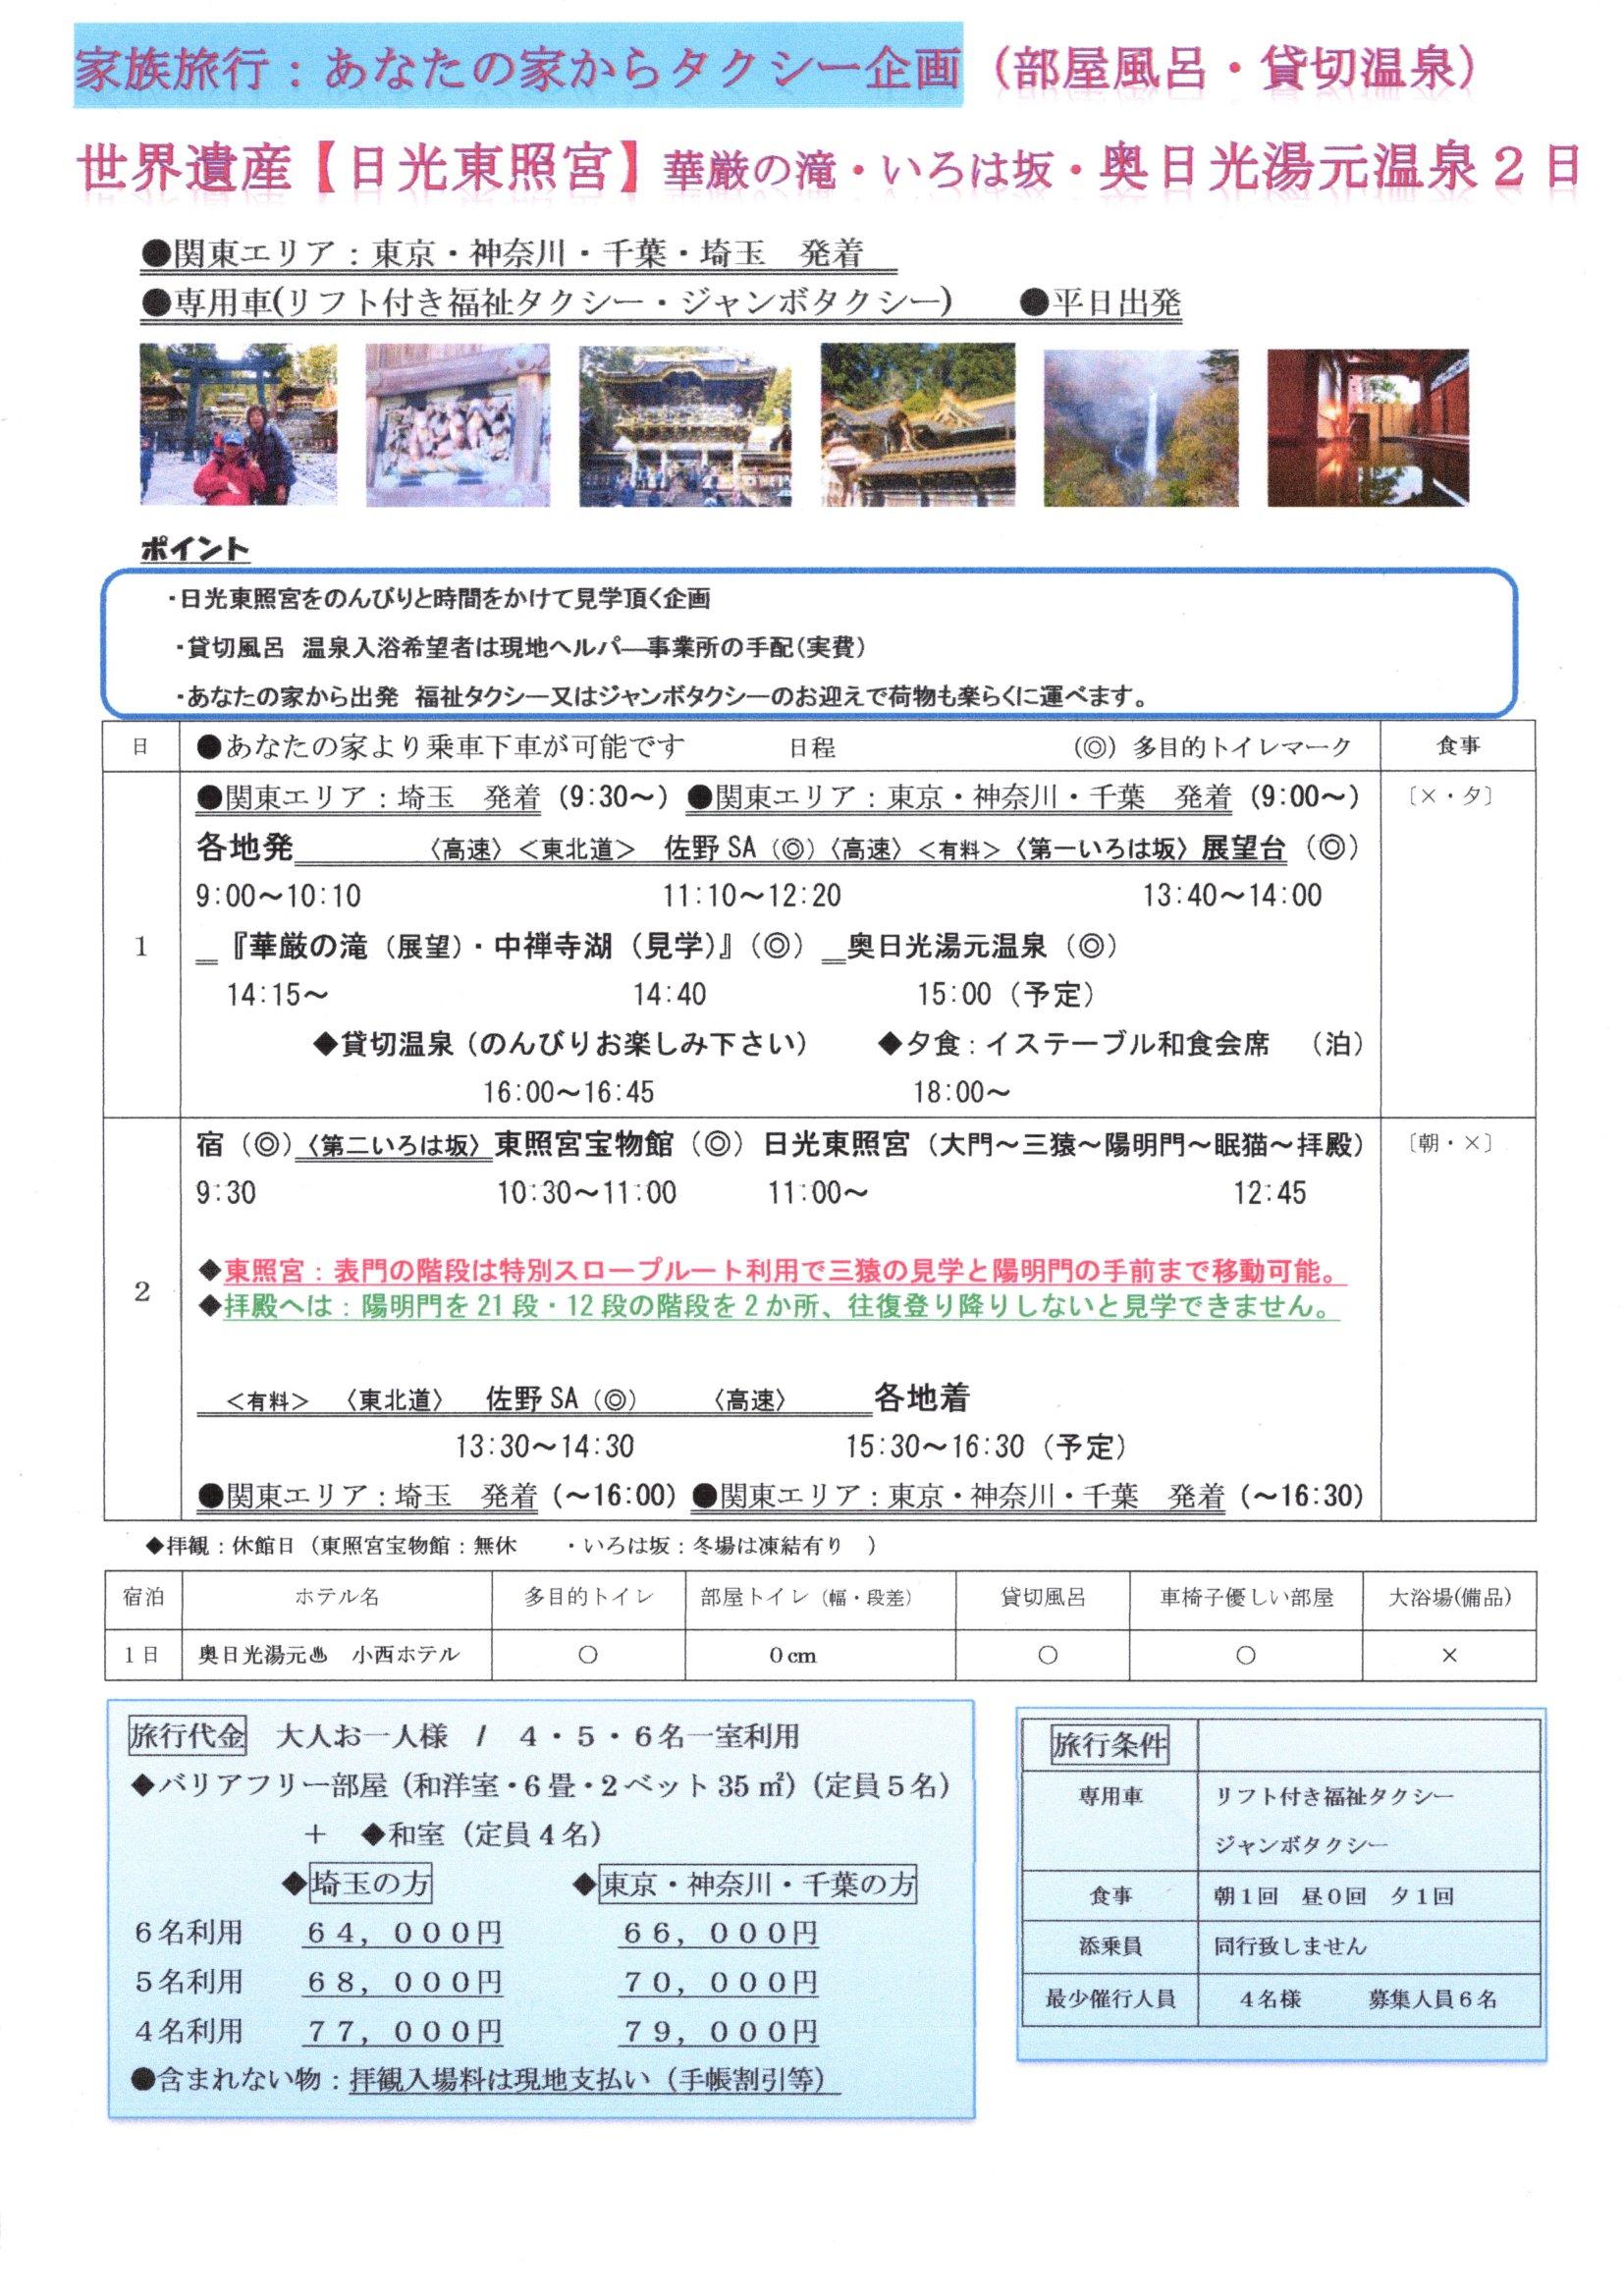 世界遺産日光東照宮・華厳の滝・のんびり奥日光湯元温泉 2日